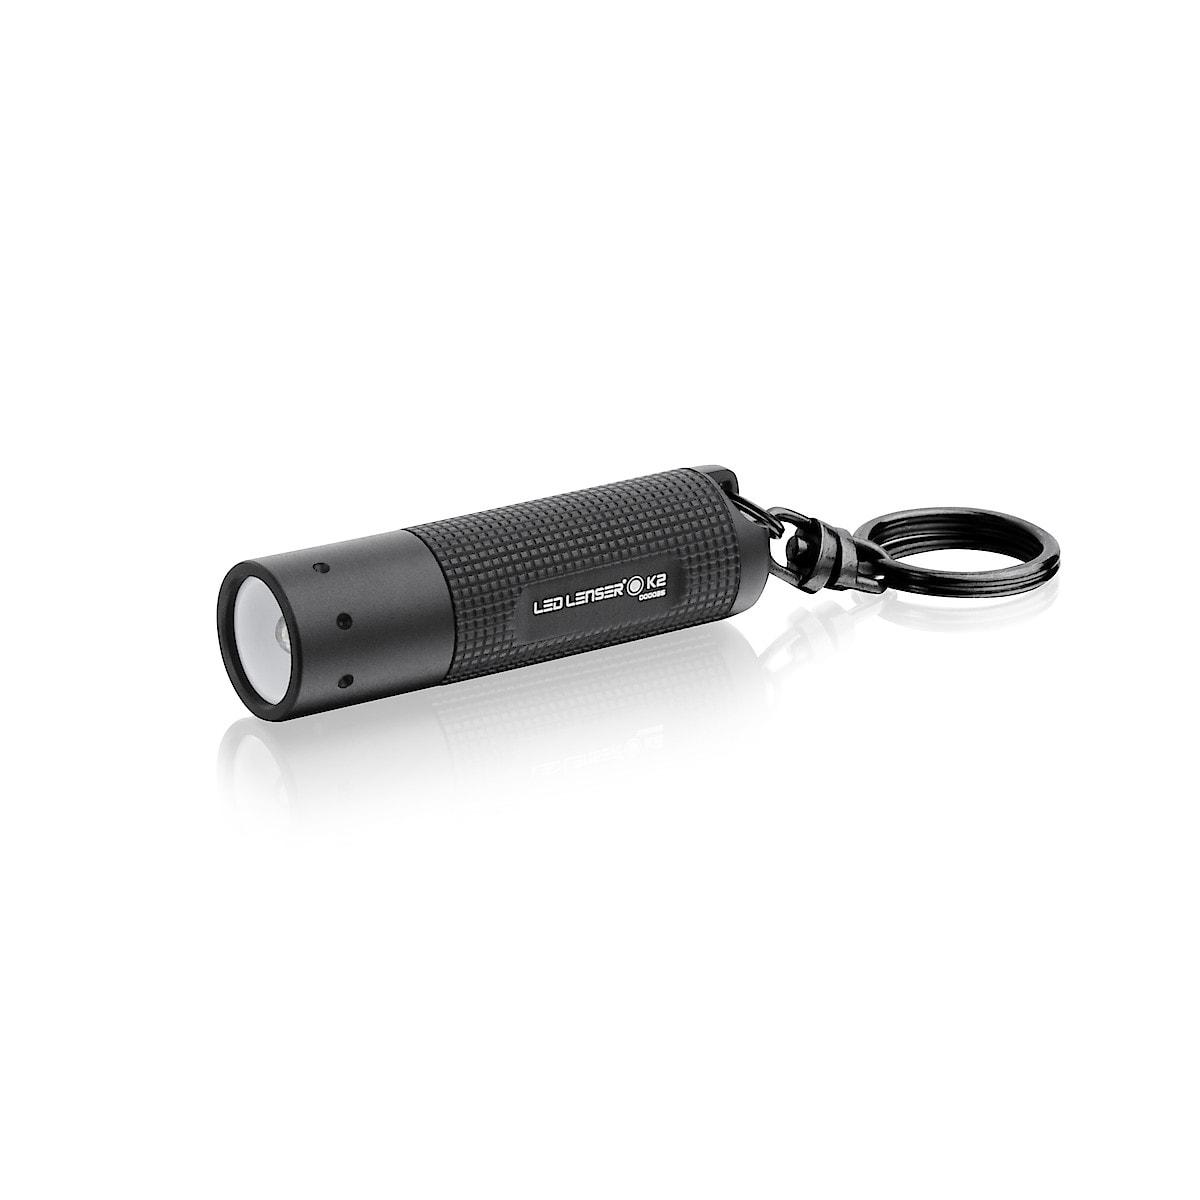 Nyckelringslampa LED Lenser K2